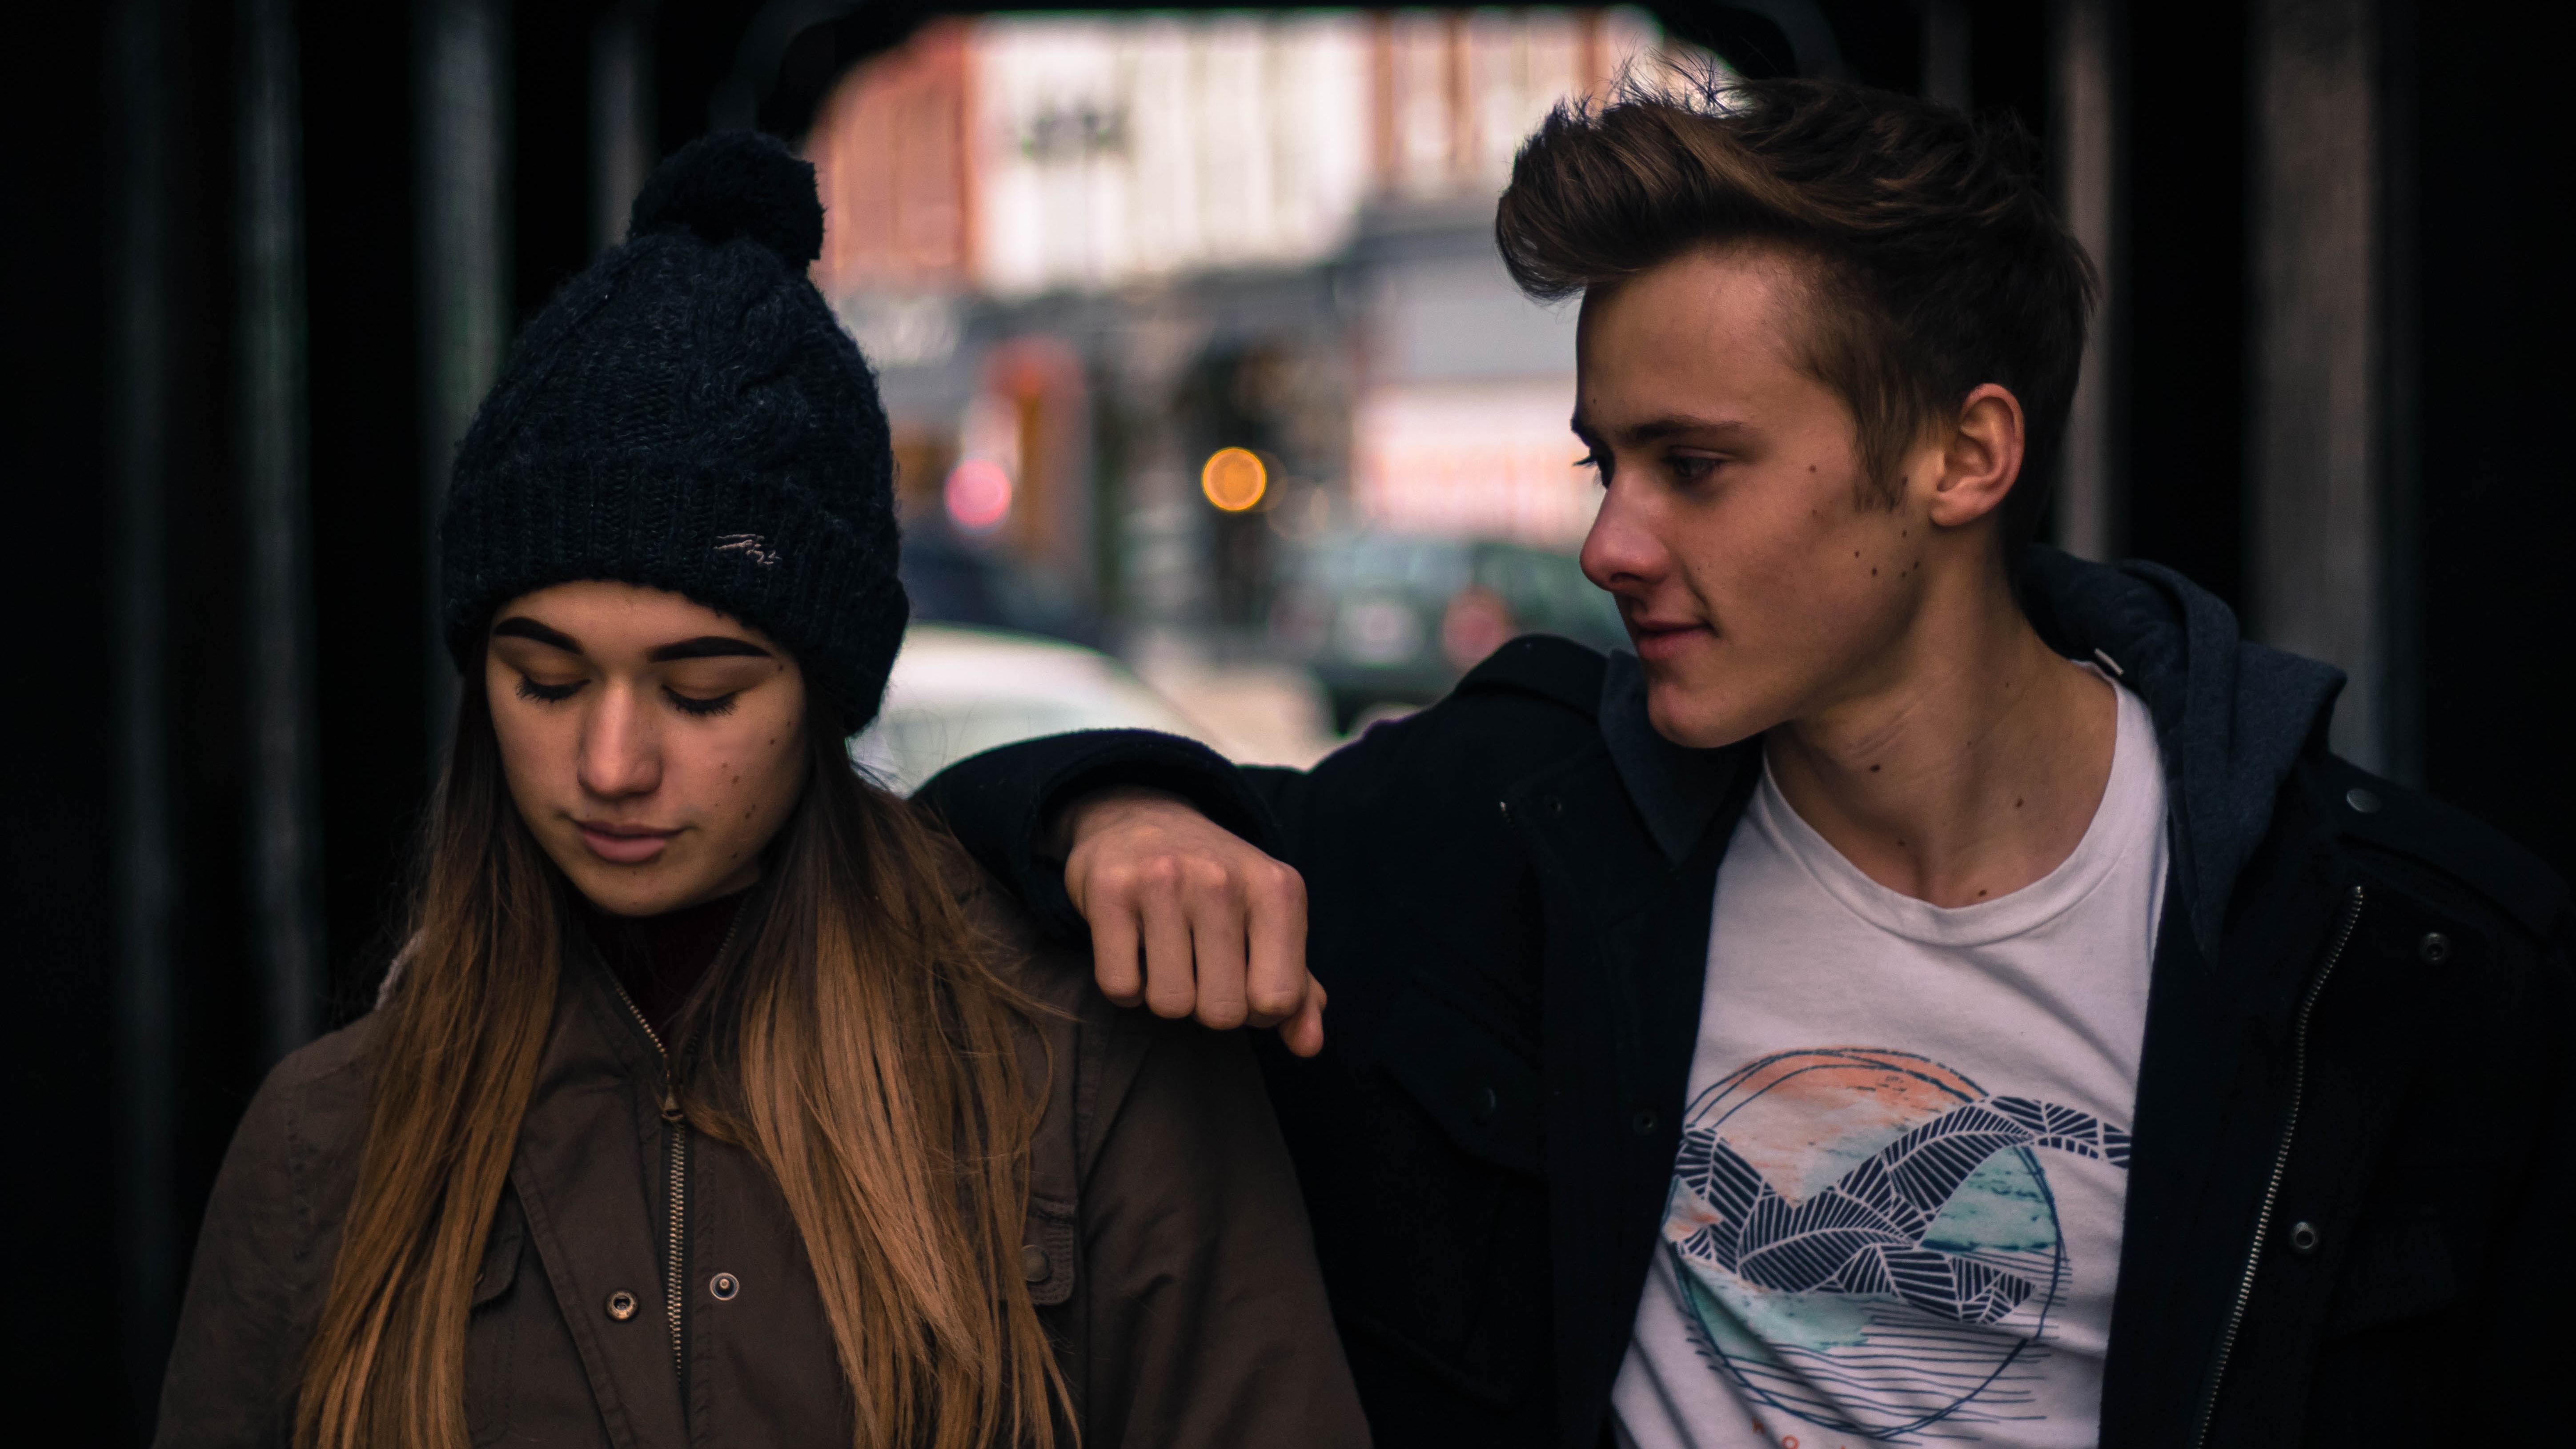 5 Anzeichen. dass Ihr Partner Sie manipuliert - Wenn Liebe blind macht